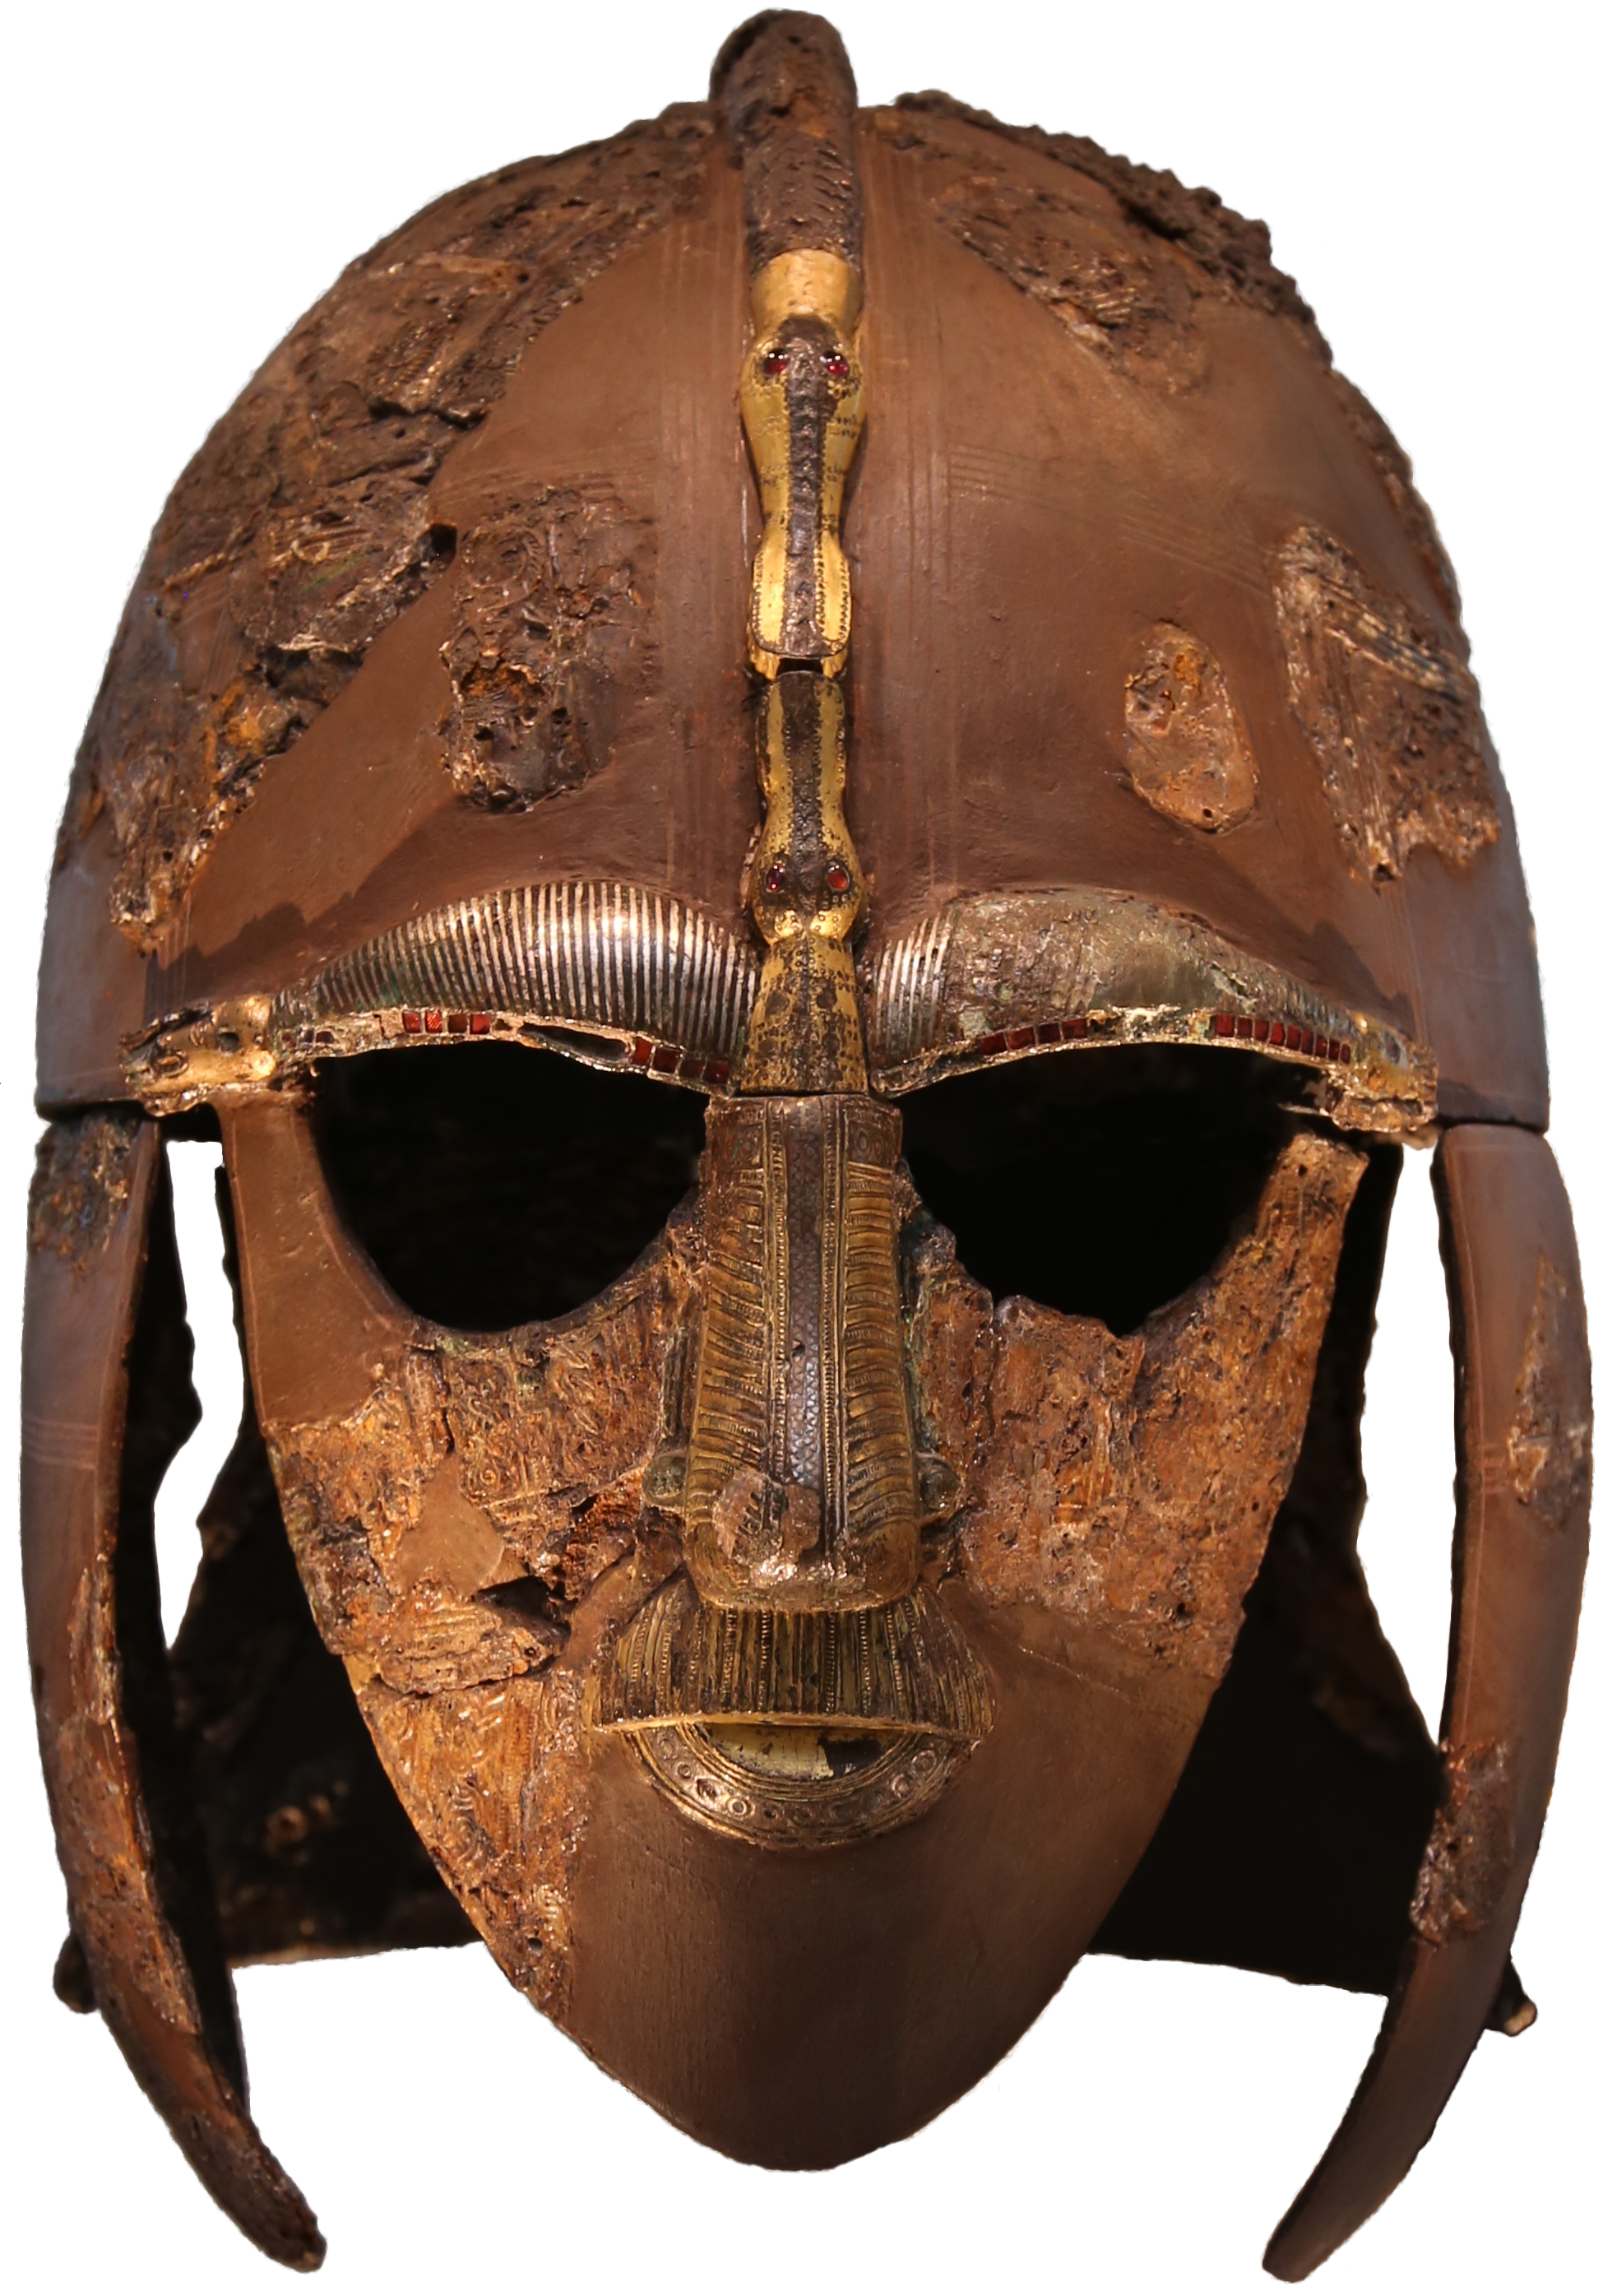 ace3a6d055d Sutton Hoo helmet - Wikipedia